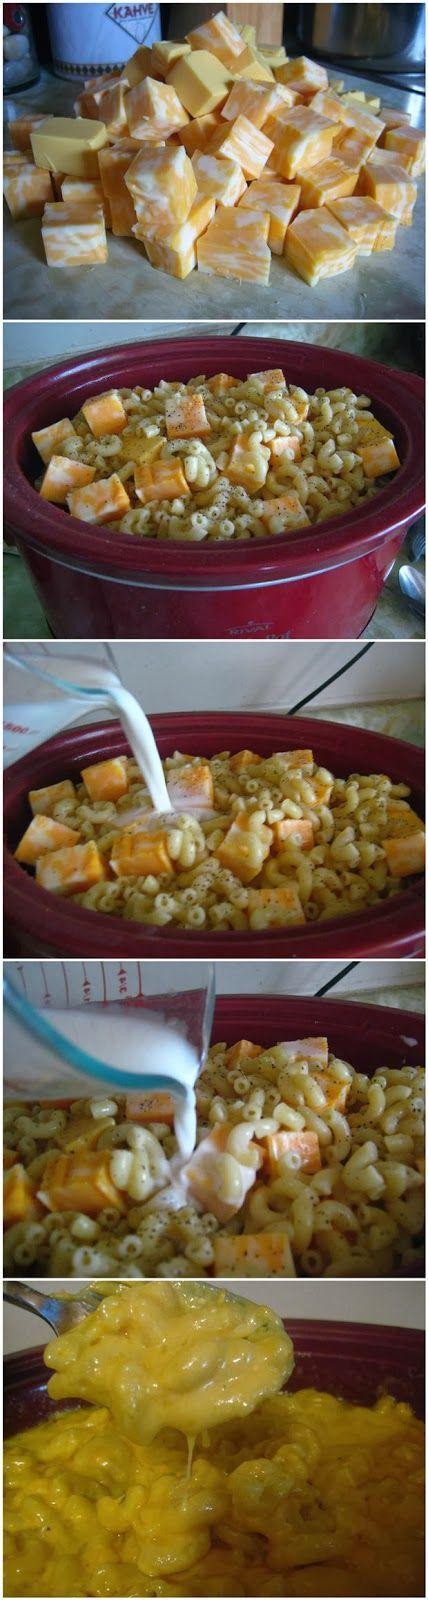 #Receta Deliciosos macarrones con queso <3